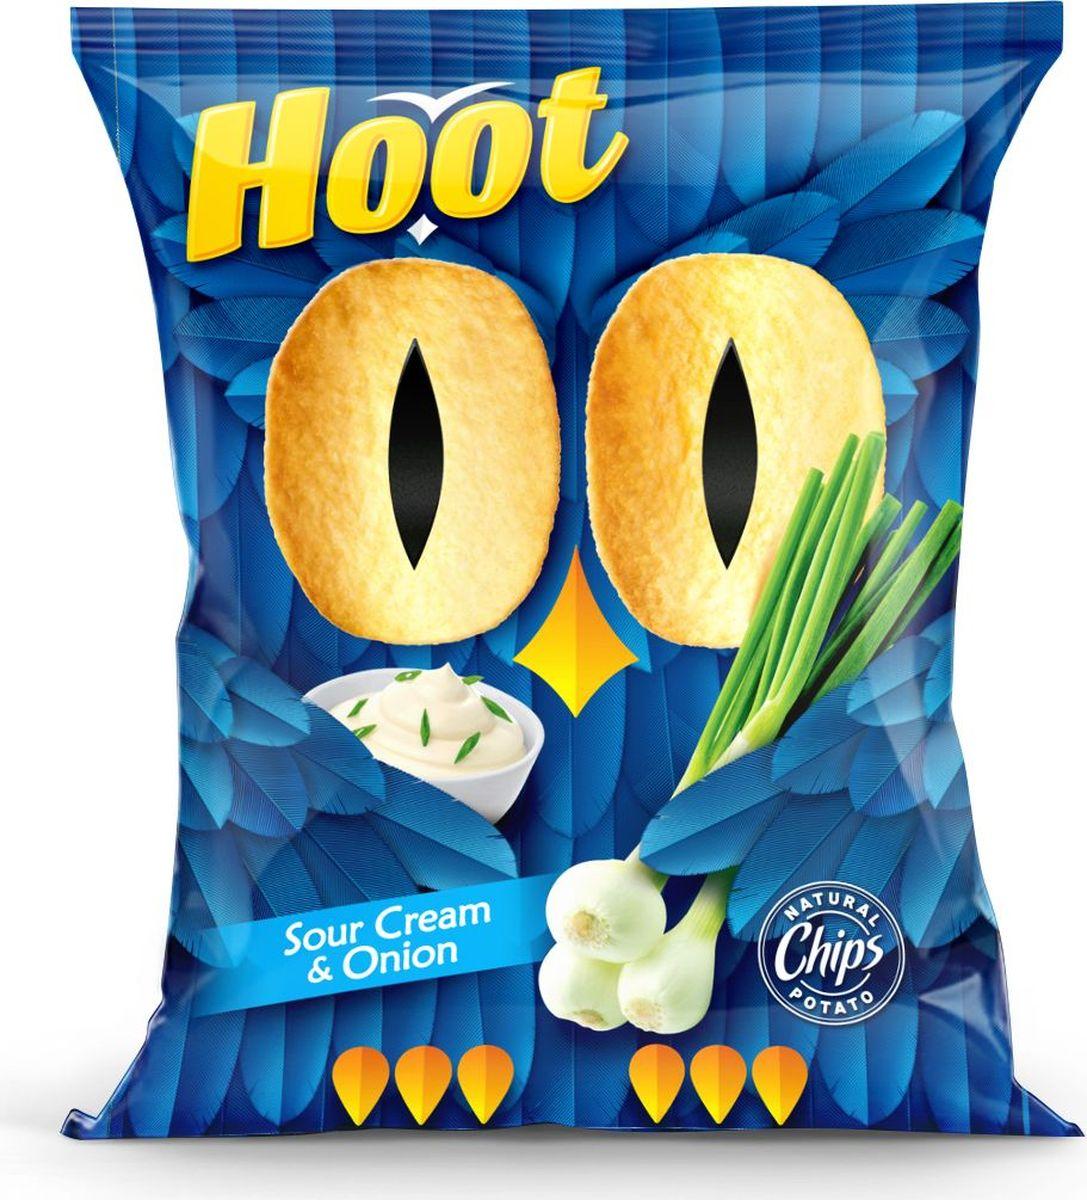 Hoot Чипсы, сметана-лук, 80 г4760156030349Картофельные чипсы со вкусом «Сметаны и лука»